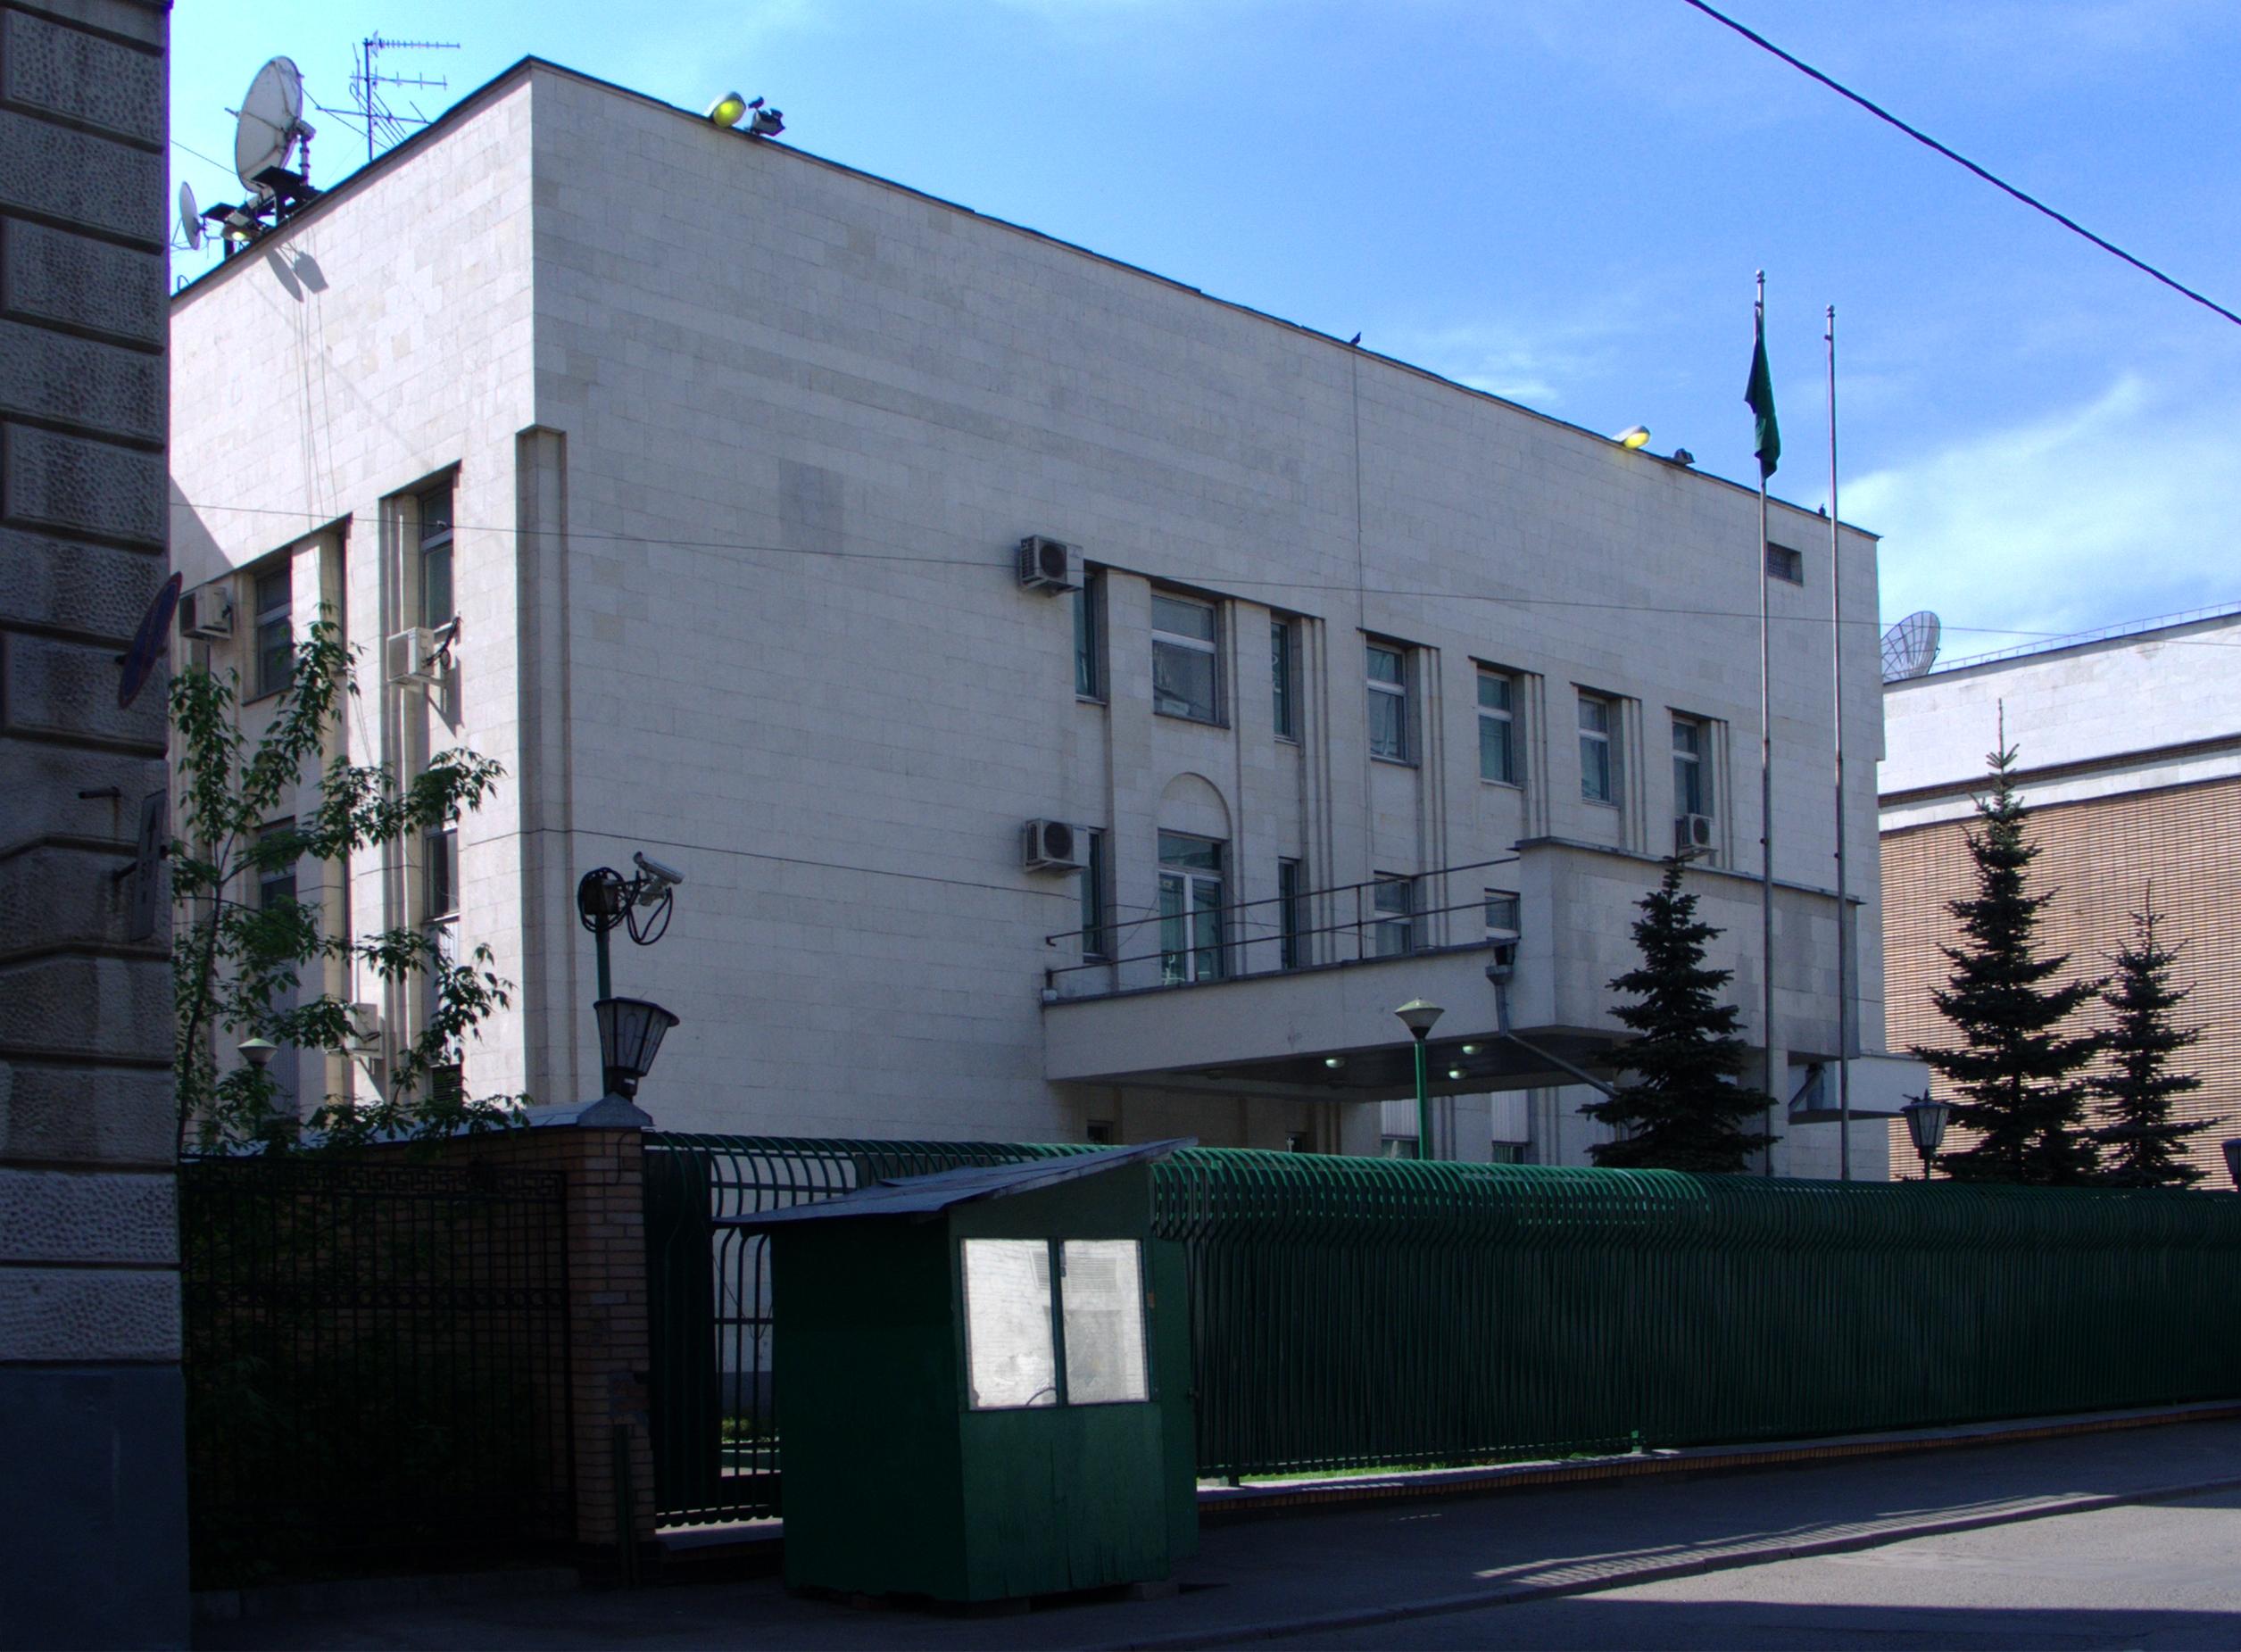 Royal Embassy of Saudi Arabia in Canada